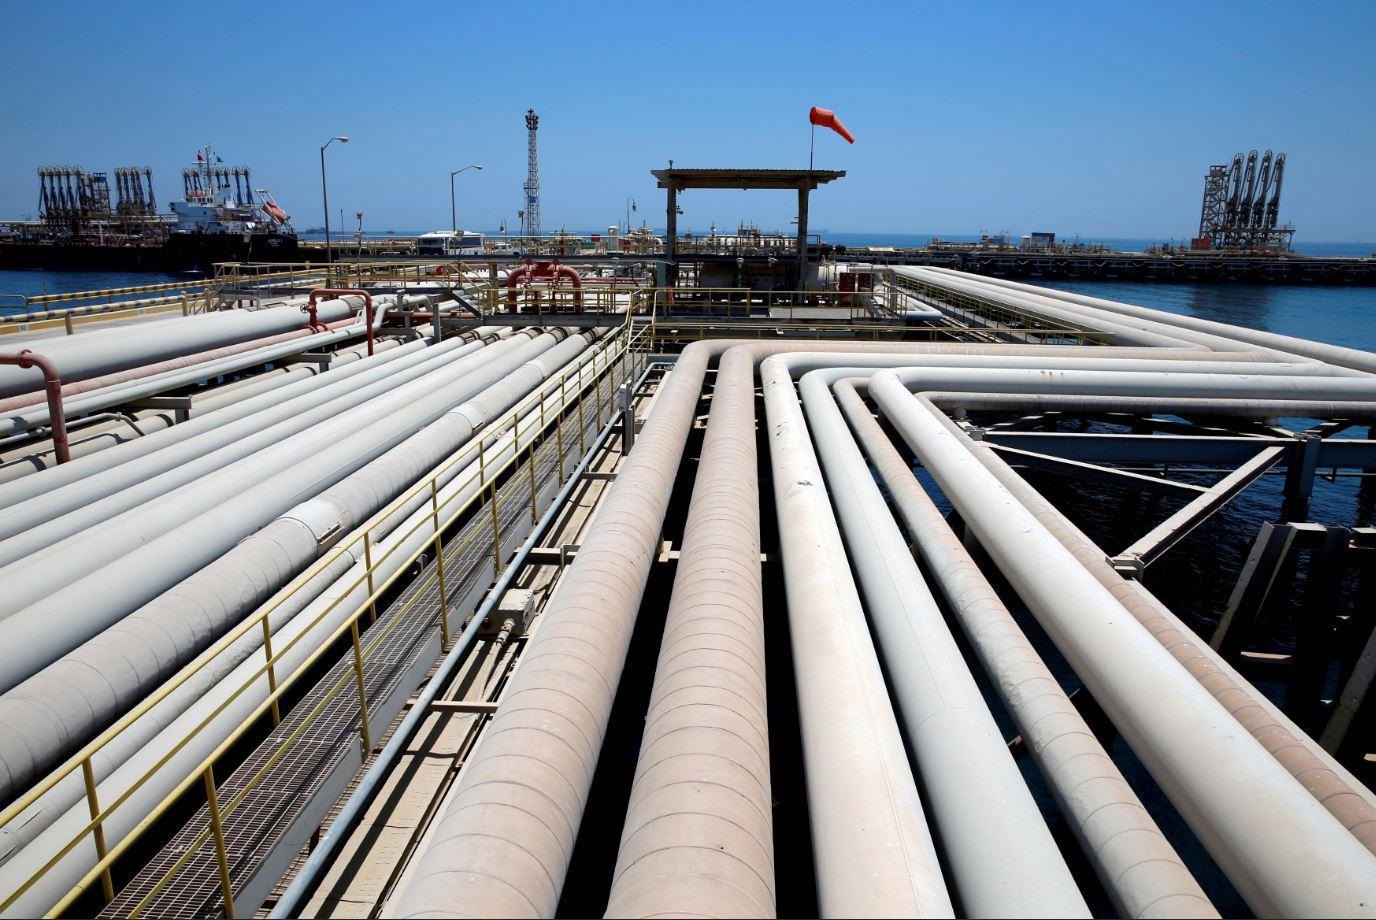 Demanda de crudo será mayor a 100 mbd en 2019: OPEP